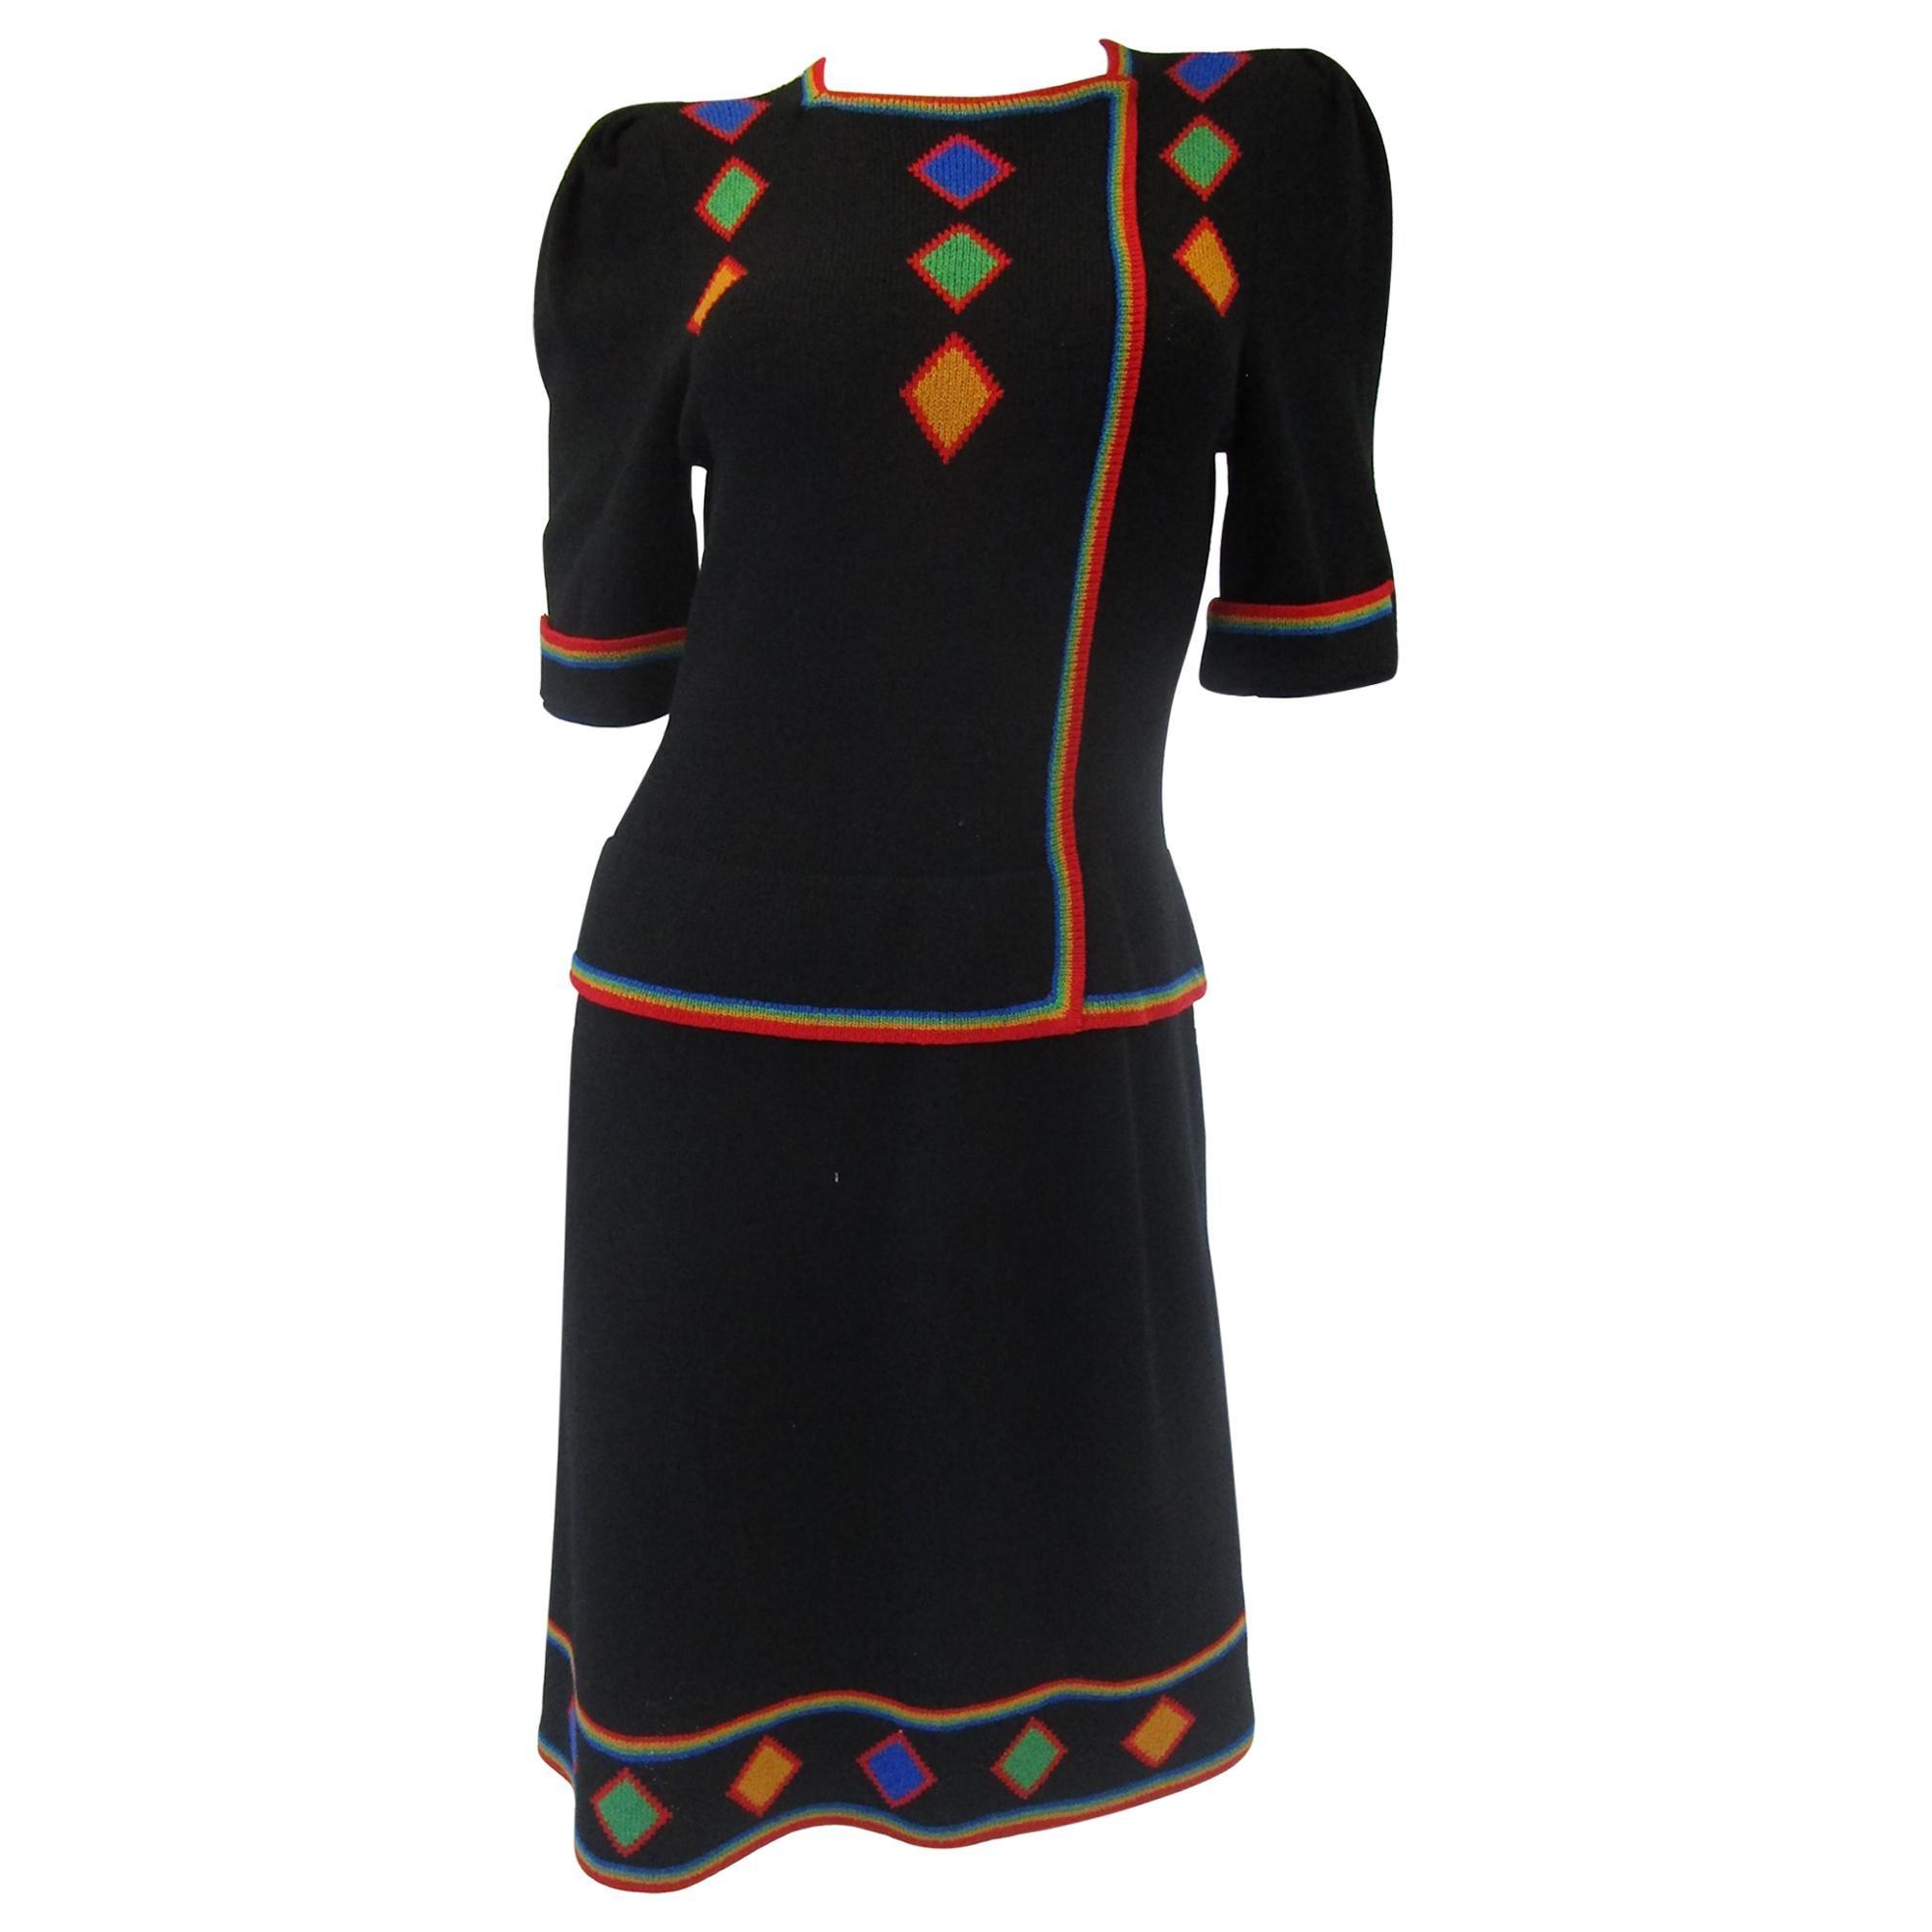 1970s Adolfo Black Knit Dress With Rainbow Details